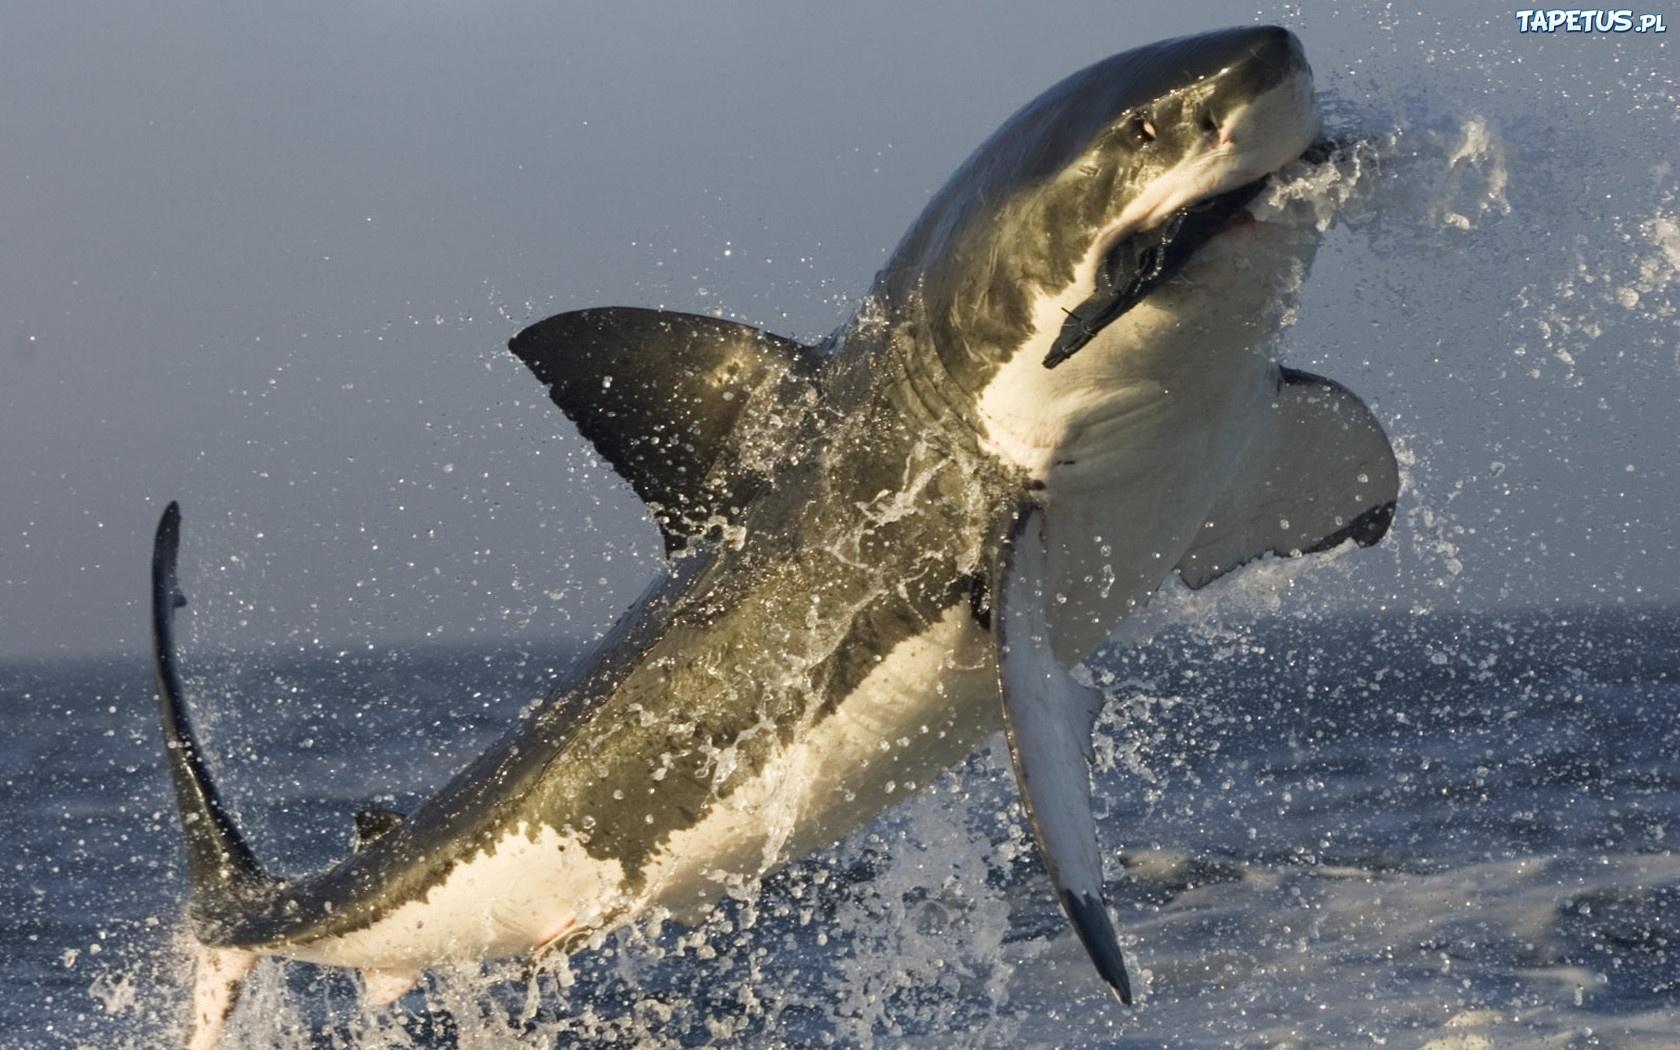 Atakuj cy rekin woda wyskok for Best white fish to eat